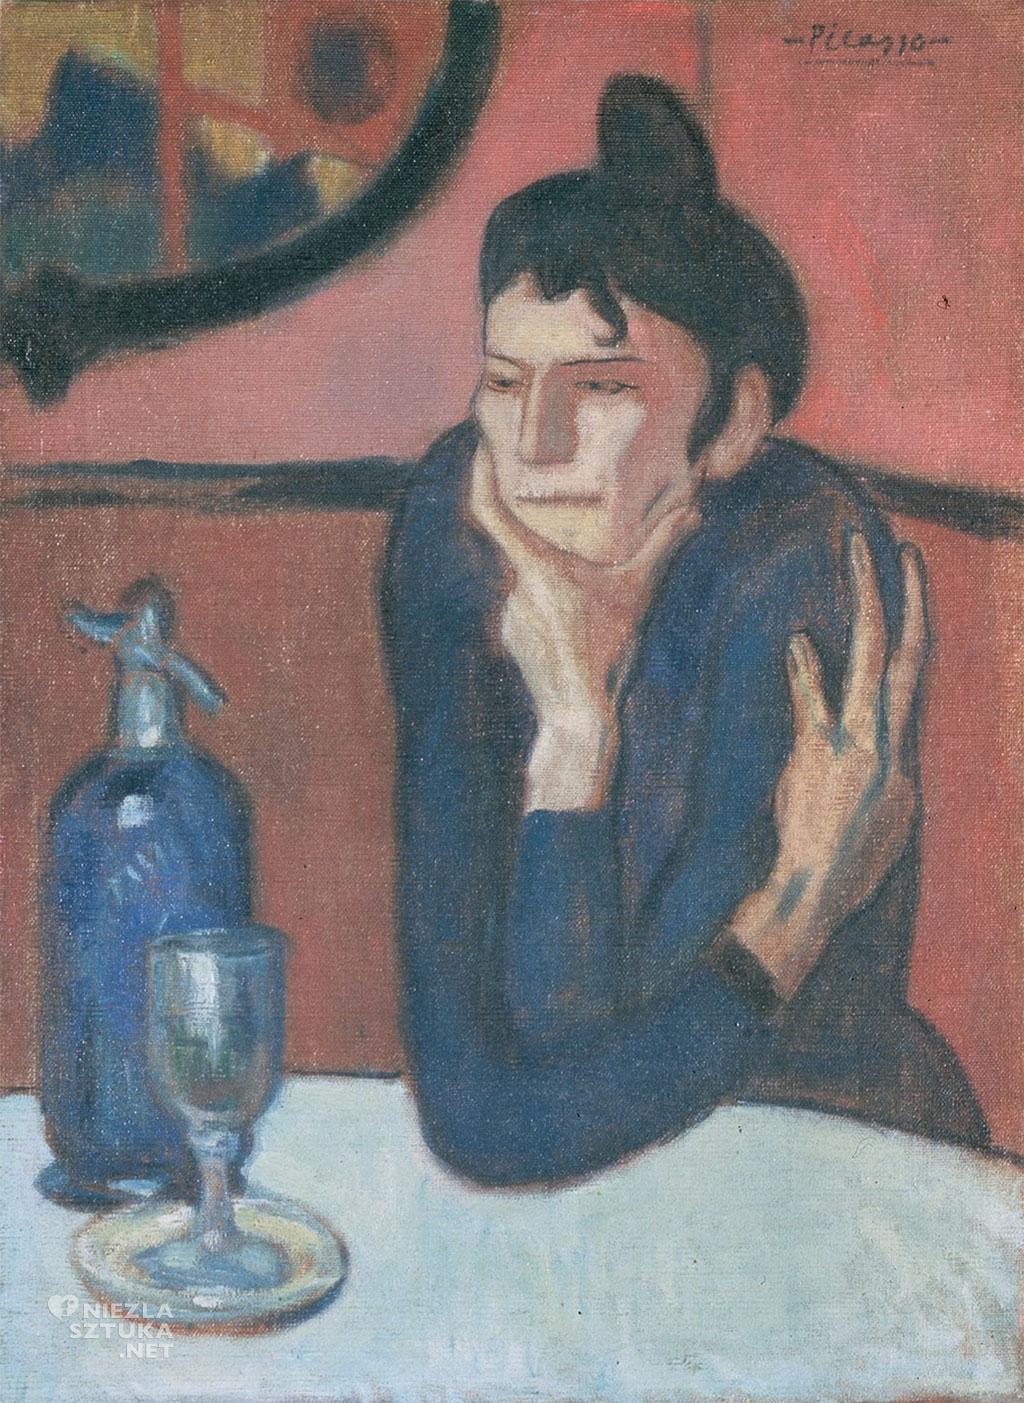 Pablo Picasso, Pijąca Absynt, alkohol, Niezła Sztuka